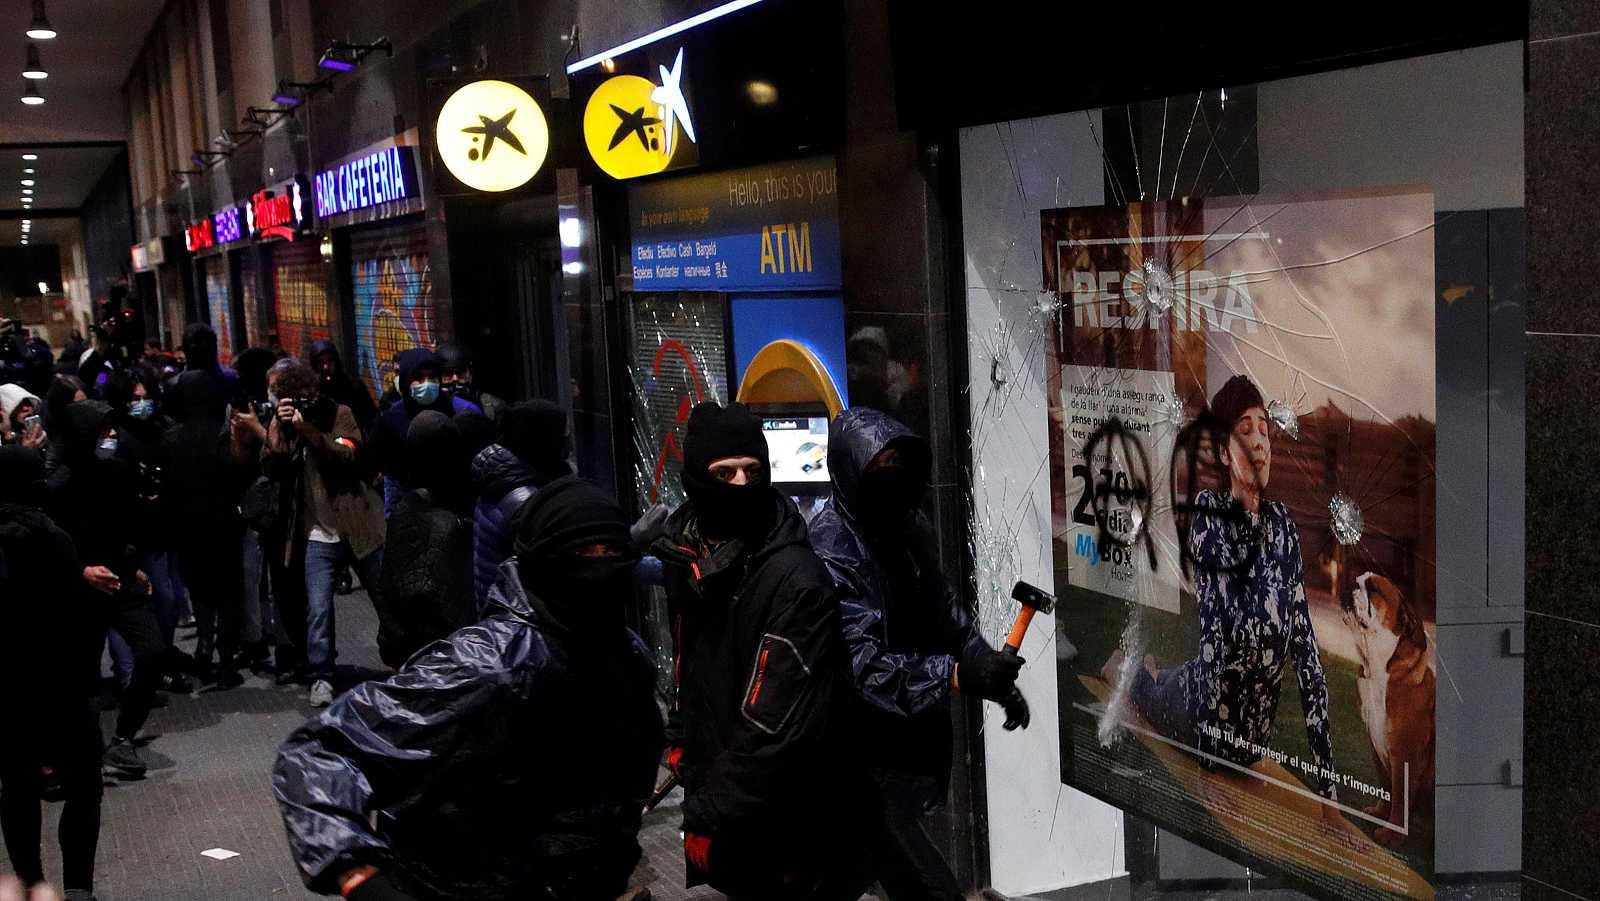 """14 horas - La patronal catalana pide a las instituciones que frenen los actos vandálicos: """"La violencia se está enquistando de forma preocupante"""" - Escuchar ahora"""